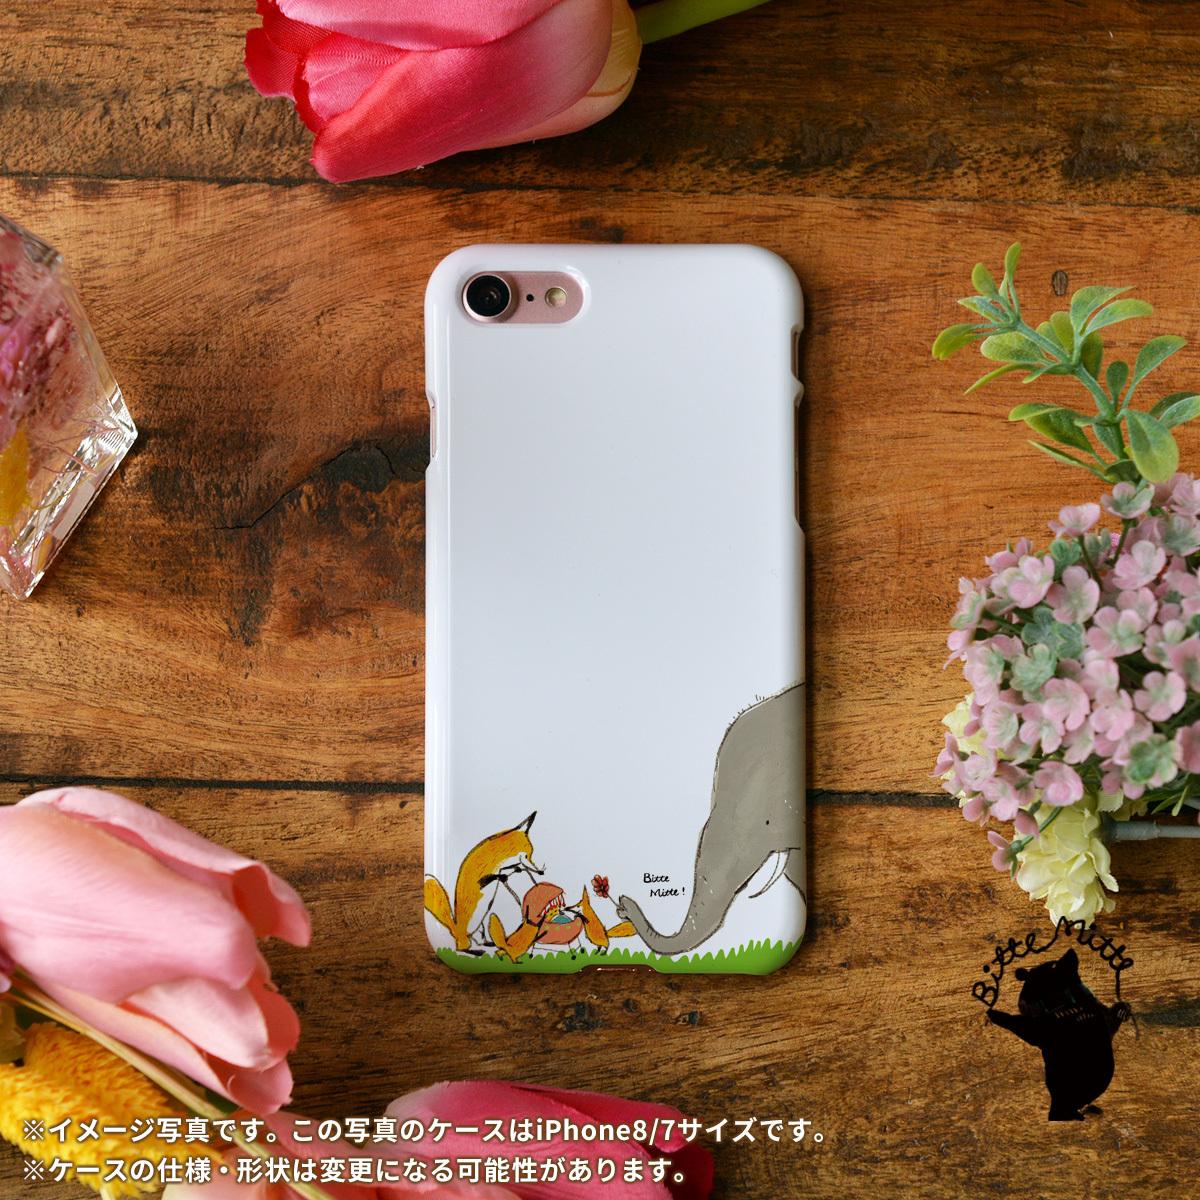 iphone8 ハードケース おしゃれ iphone8 ハードケース シンプル iphone7 ケース かわいい 象 キツネ ゾウ きつね お花をあげよう/Bitte Mitte!